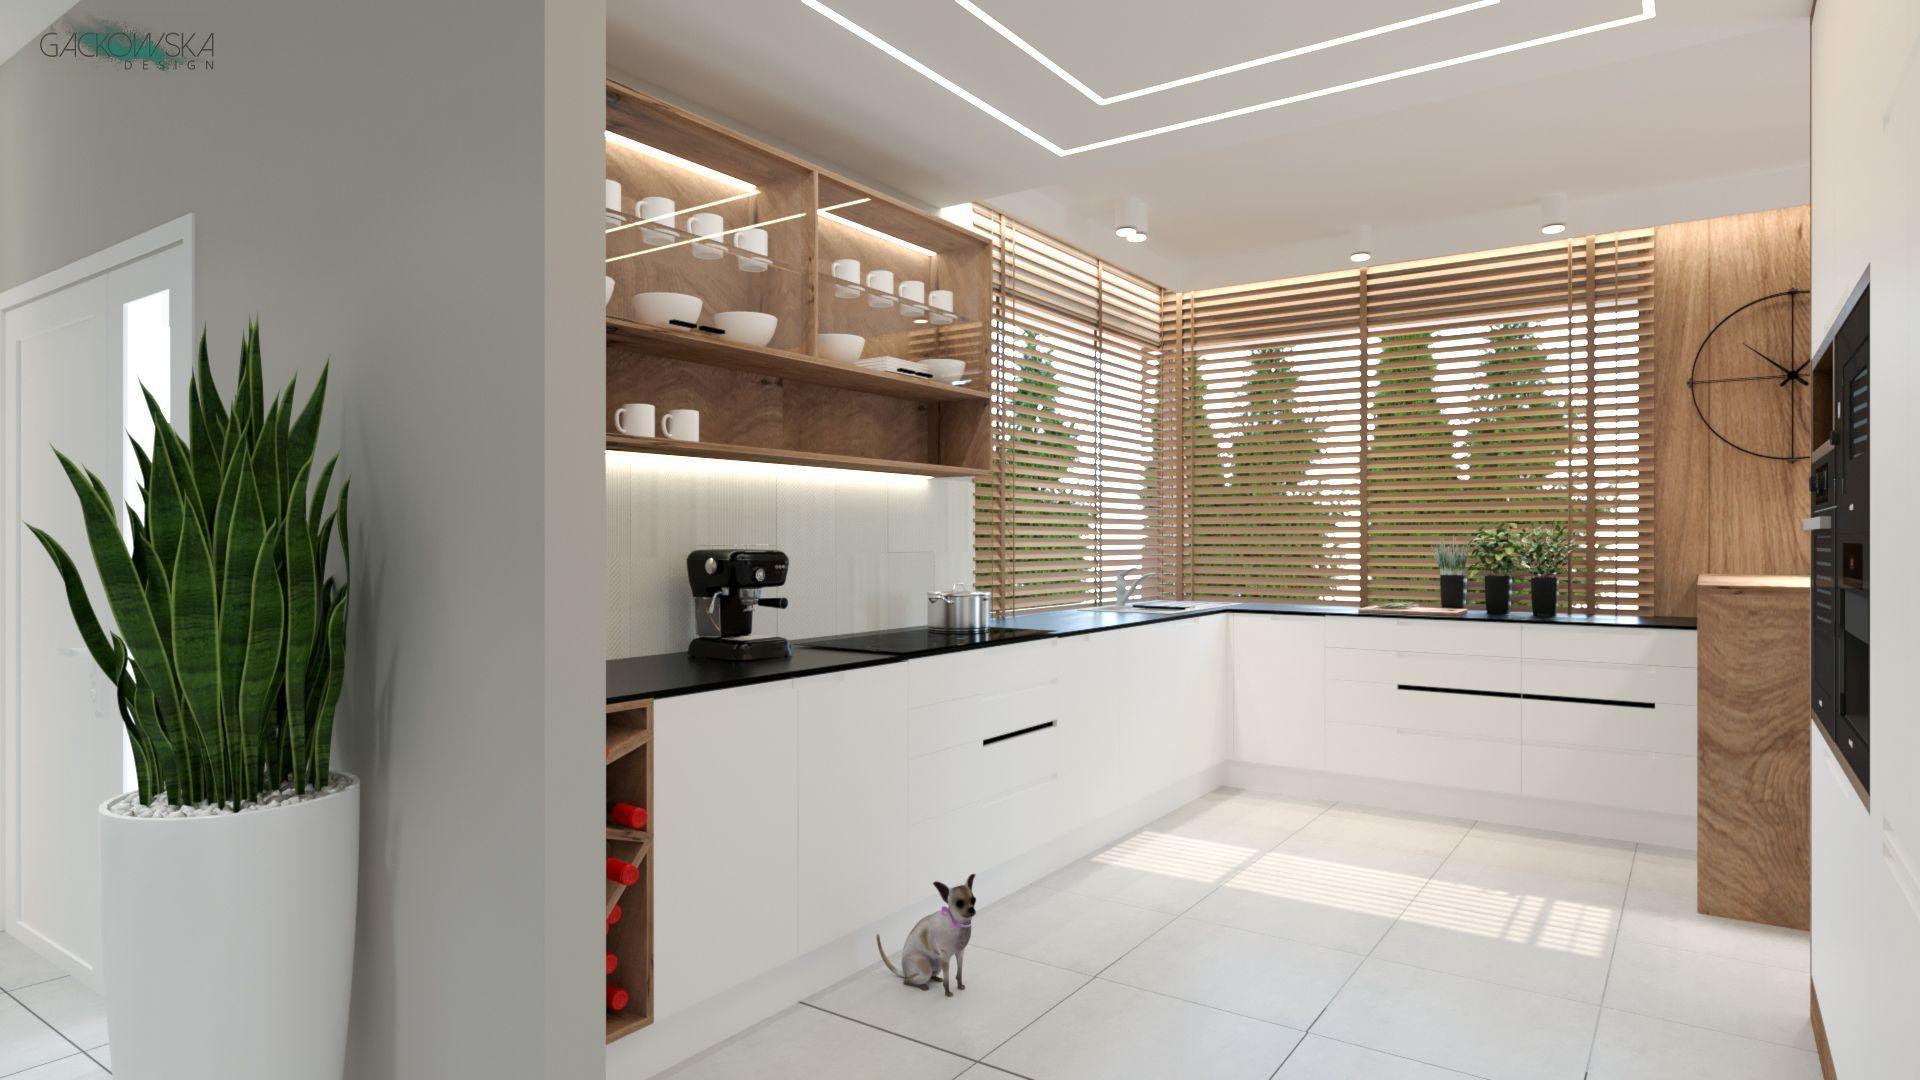 Kuchnia Nowoczesna W Bieli Moze Byc Kontrastowa Poprzez Zastosowanie Ciemnego Kamiennego Blatu Efekt Spotegujemy Poprzez Zastosowanie Plytek Home Alcove Agd